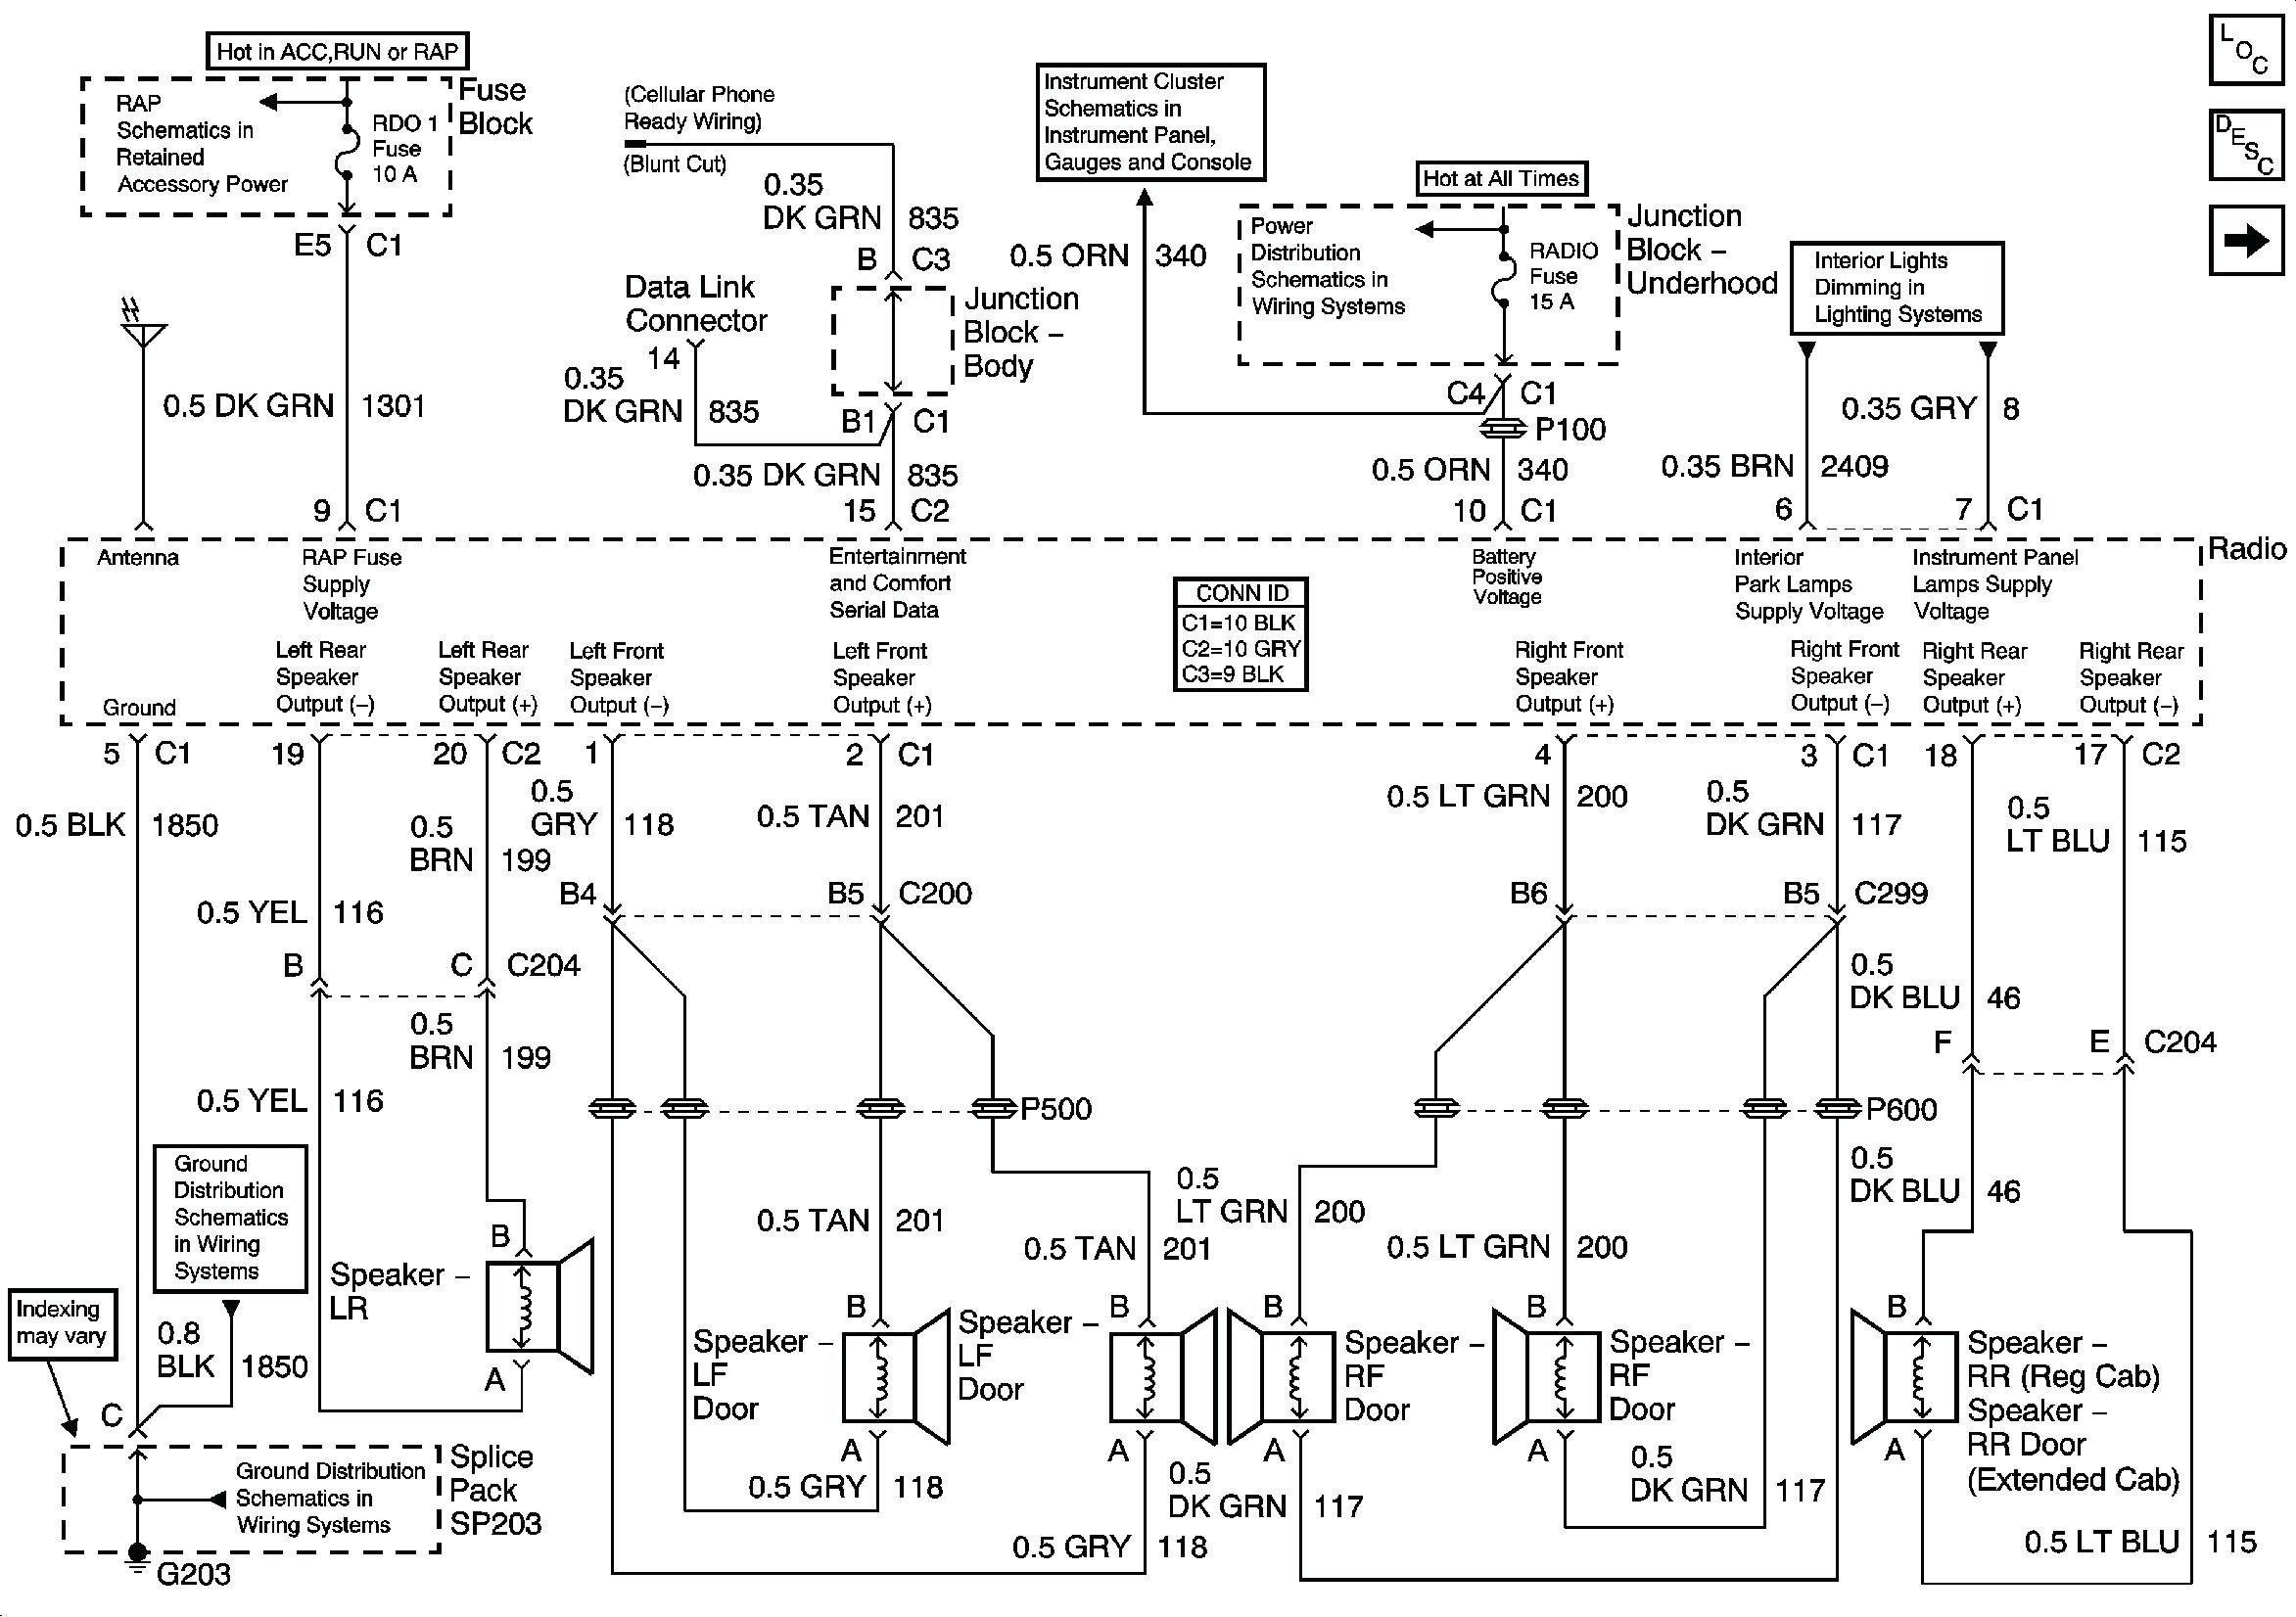 2004 Chevy Silverado Instrument Cluster Wiring Diagram Elegant Chevy Silverado 1500 Chevy Silverado 2004 Chevy Silverado